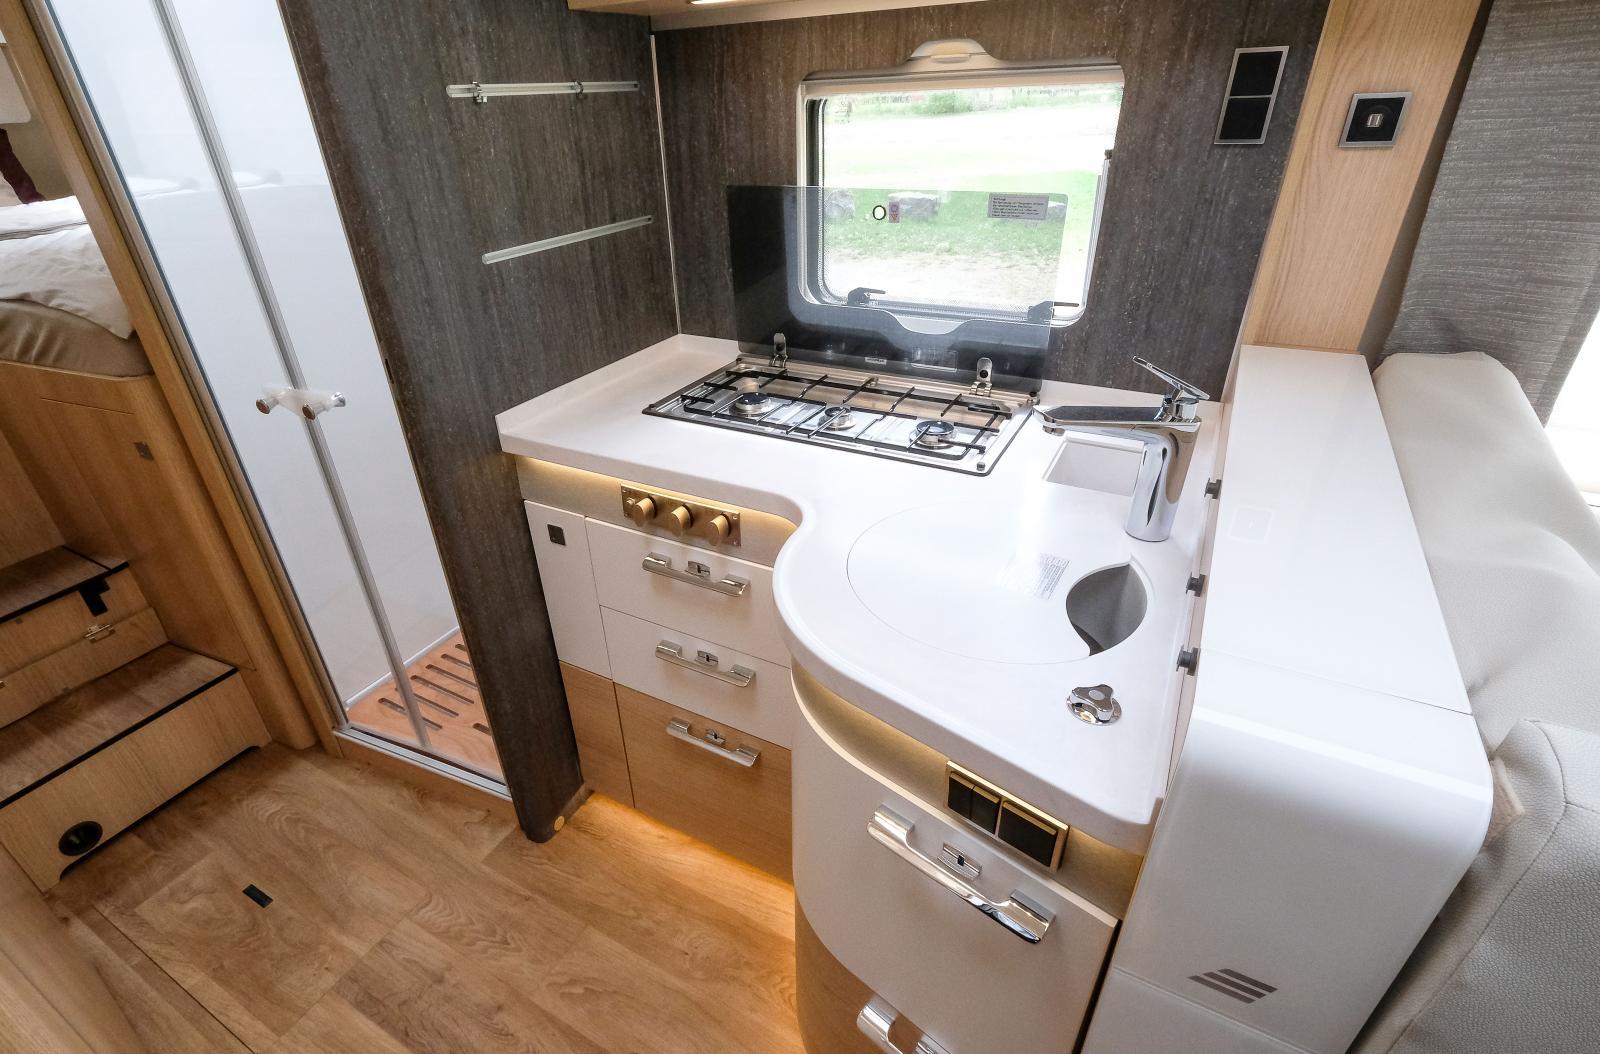 Köket har tre gasbrännare på rad. Finns variant med elplatta som tillval.